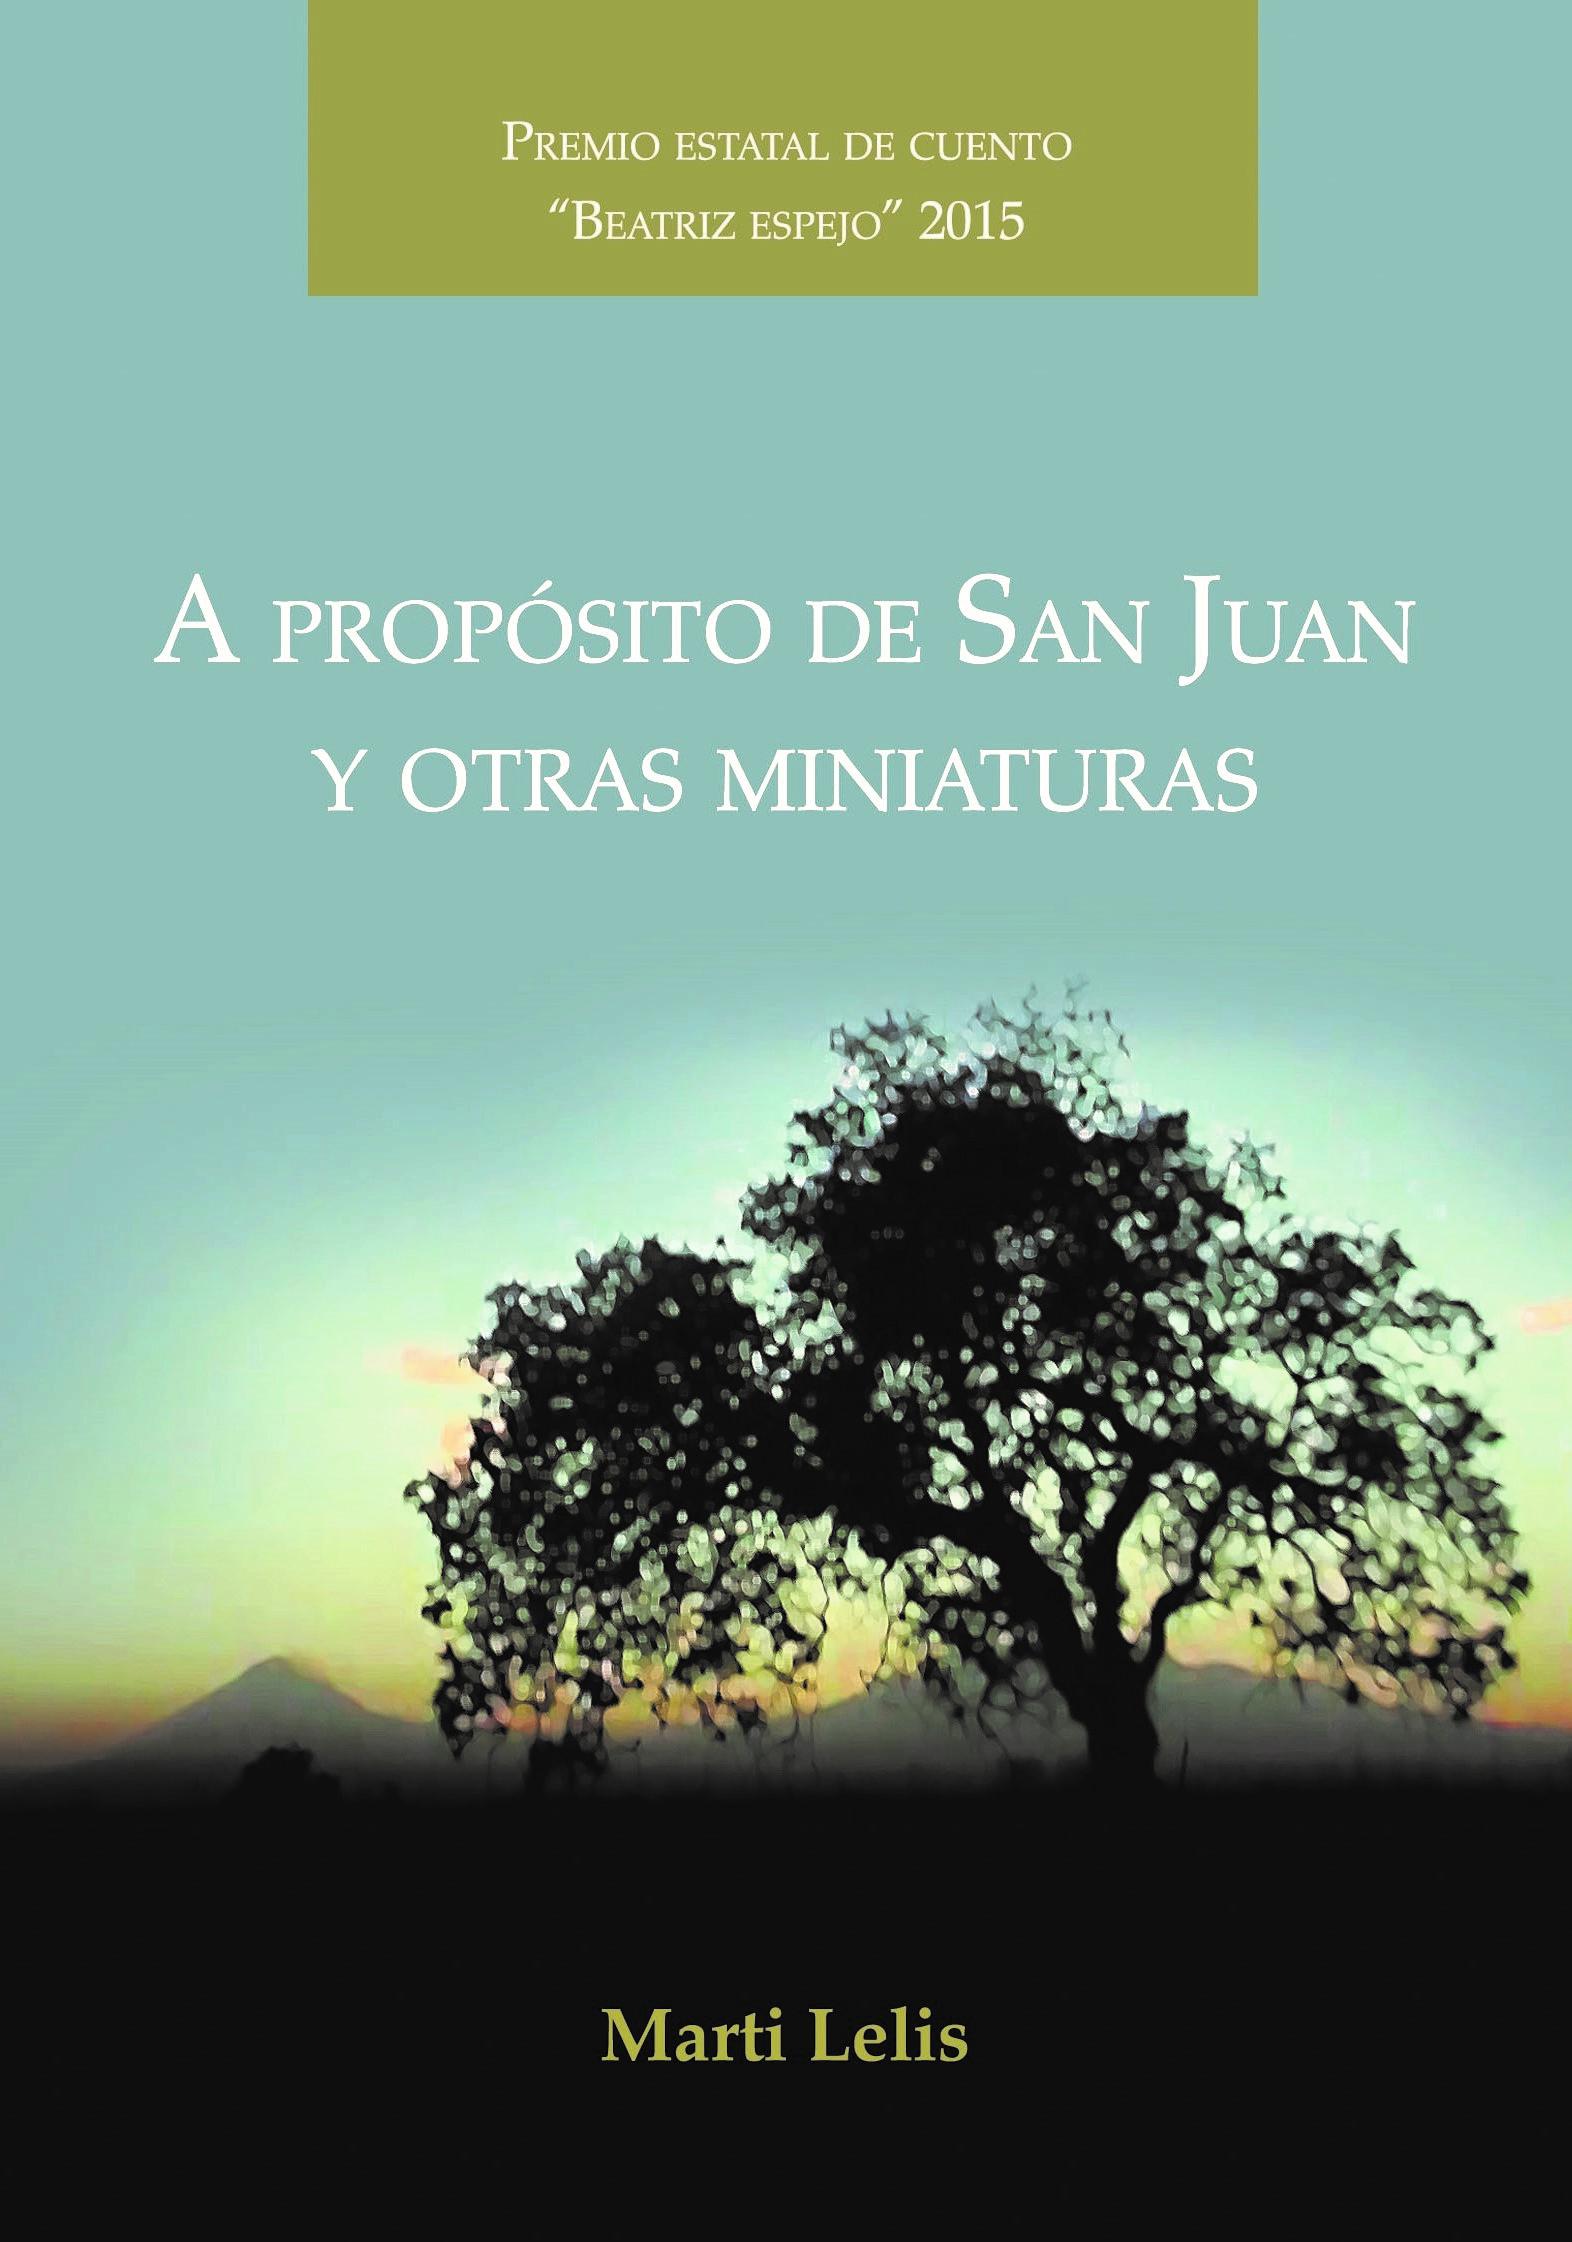 A propósito de San Juan y otras miniaturas (1)